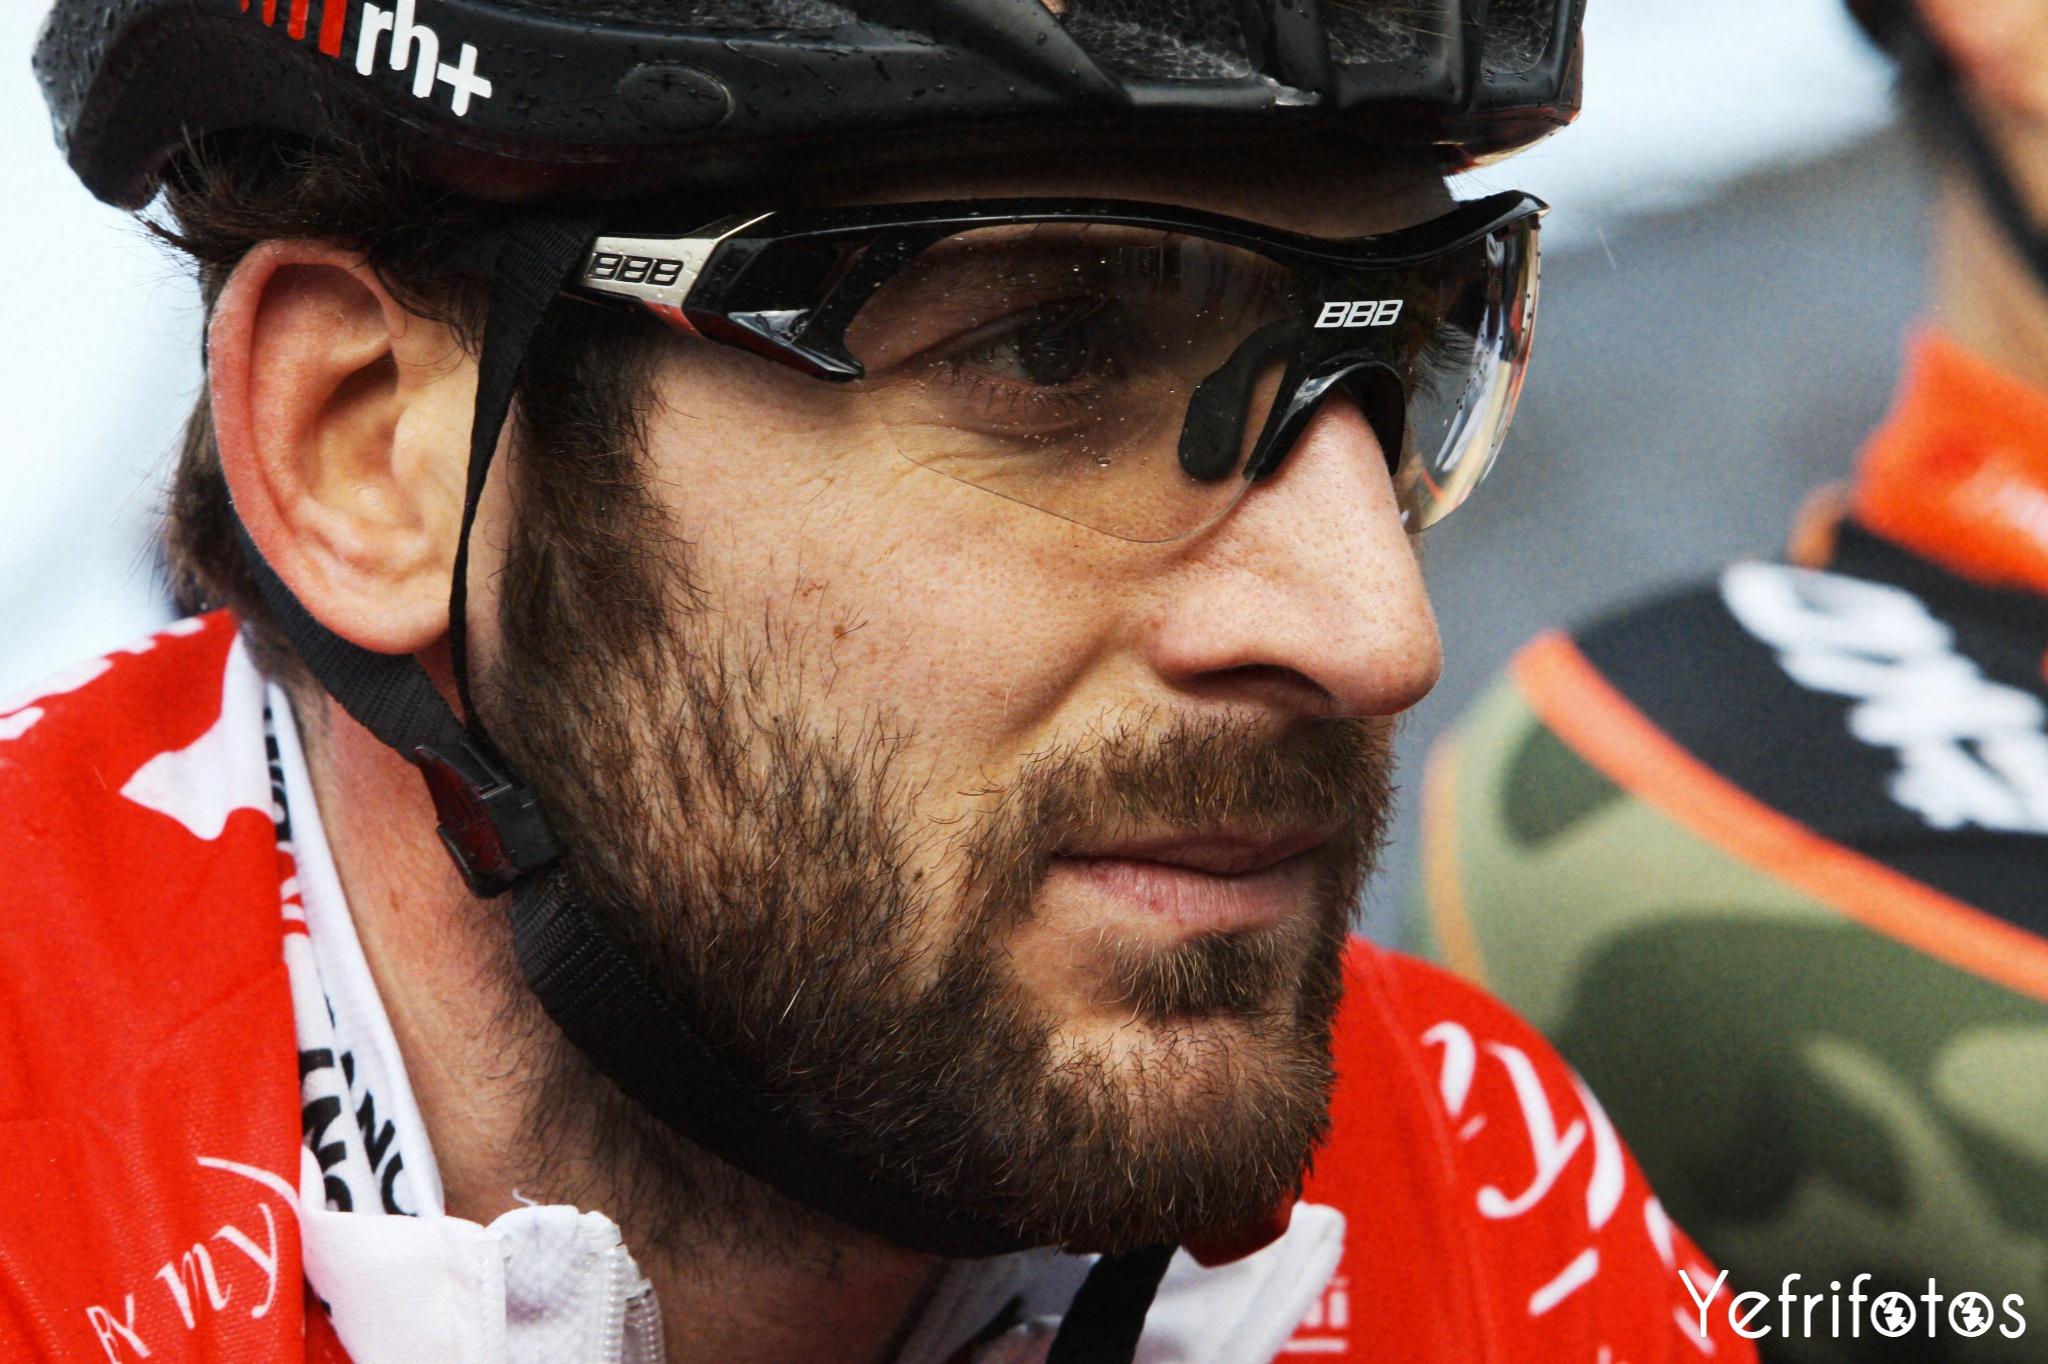 Alois Falenta Cyclocross